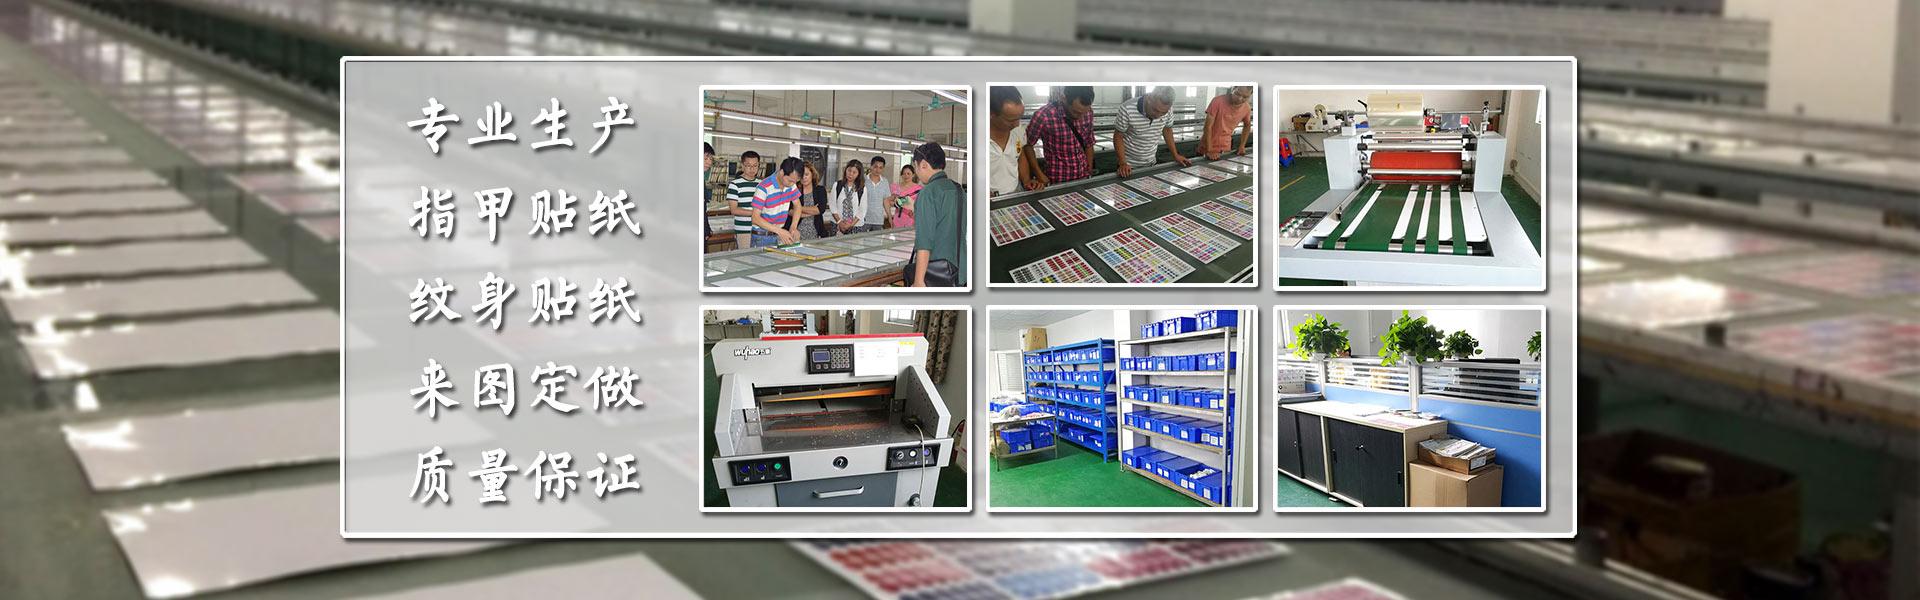 广州美甲贴纸生产厂家